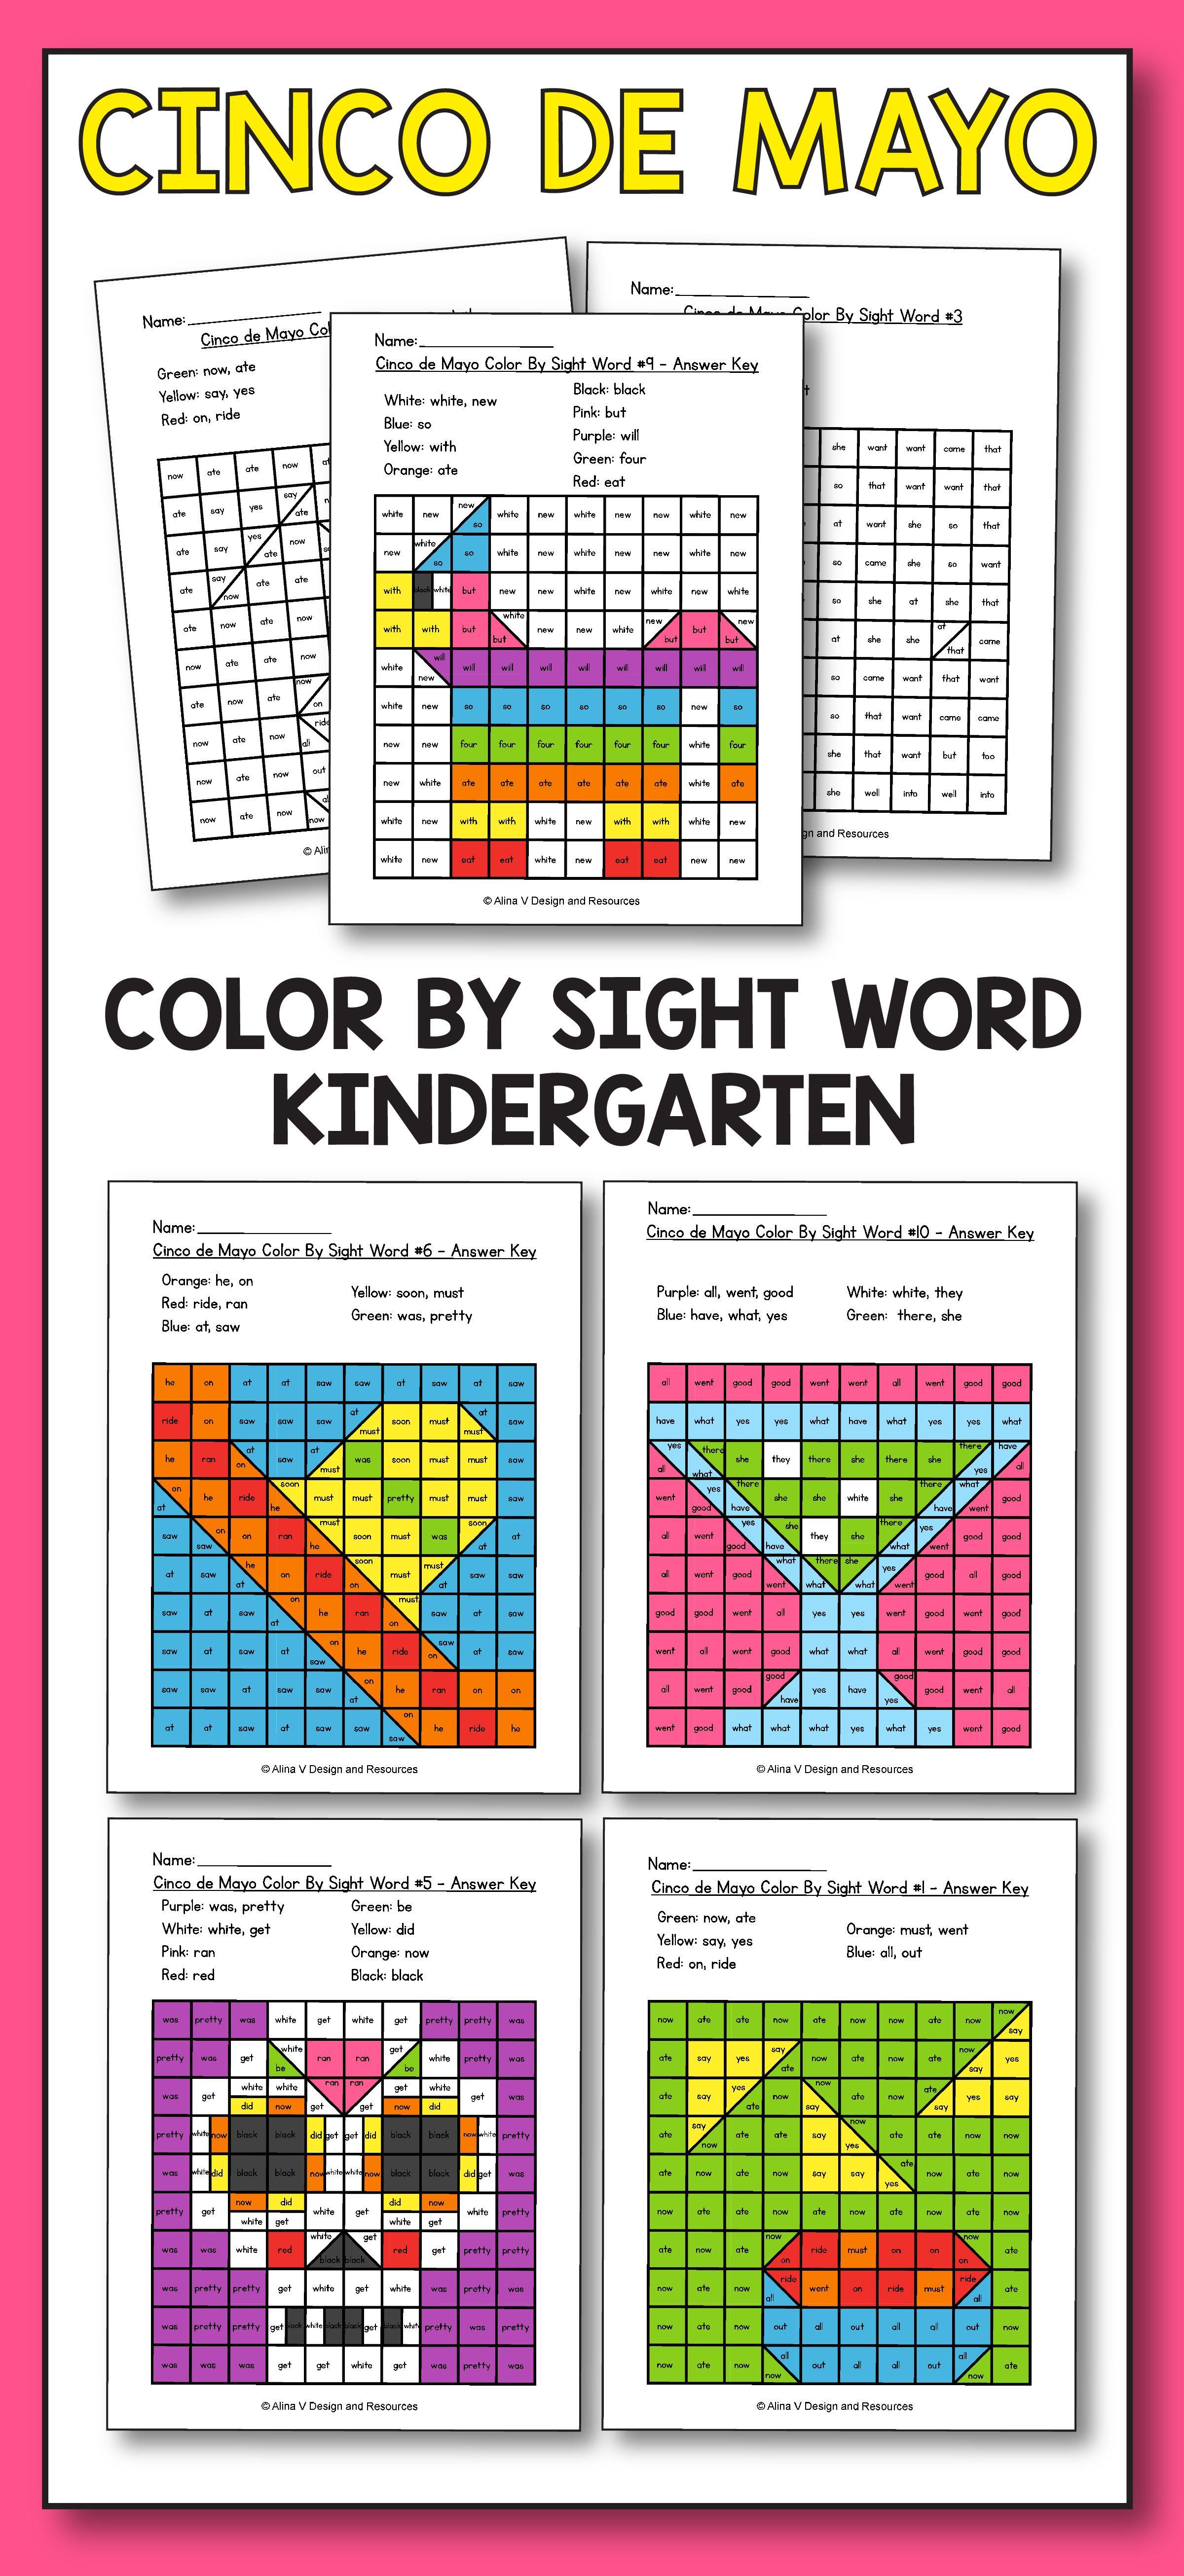 Cinco De Mayo Color By Sight Word Cinco De Mayo Activities For Kindergarten Printables Is Fun W Cinco De Mayo Activities Kindergarten Activities Kindergarten [ 5223 x 2400 Pixel ]